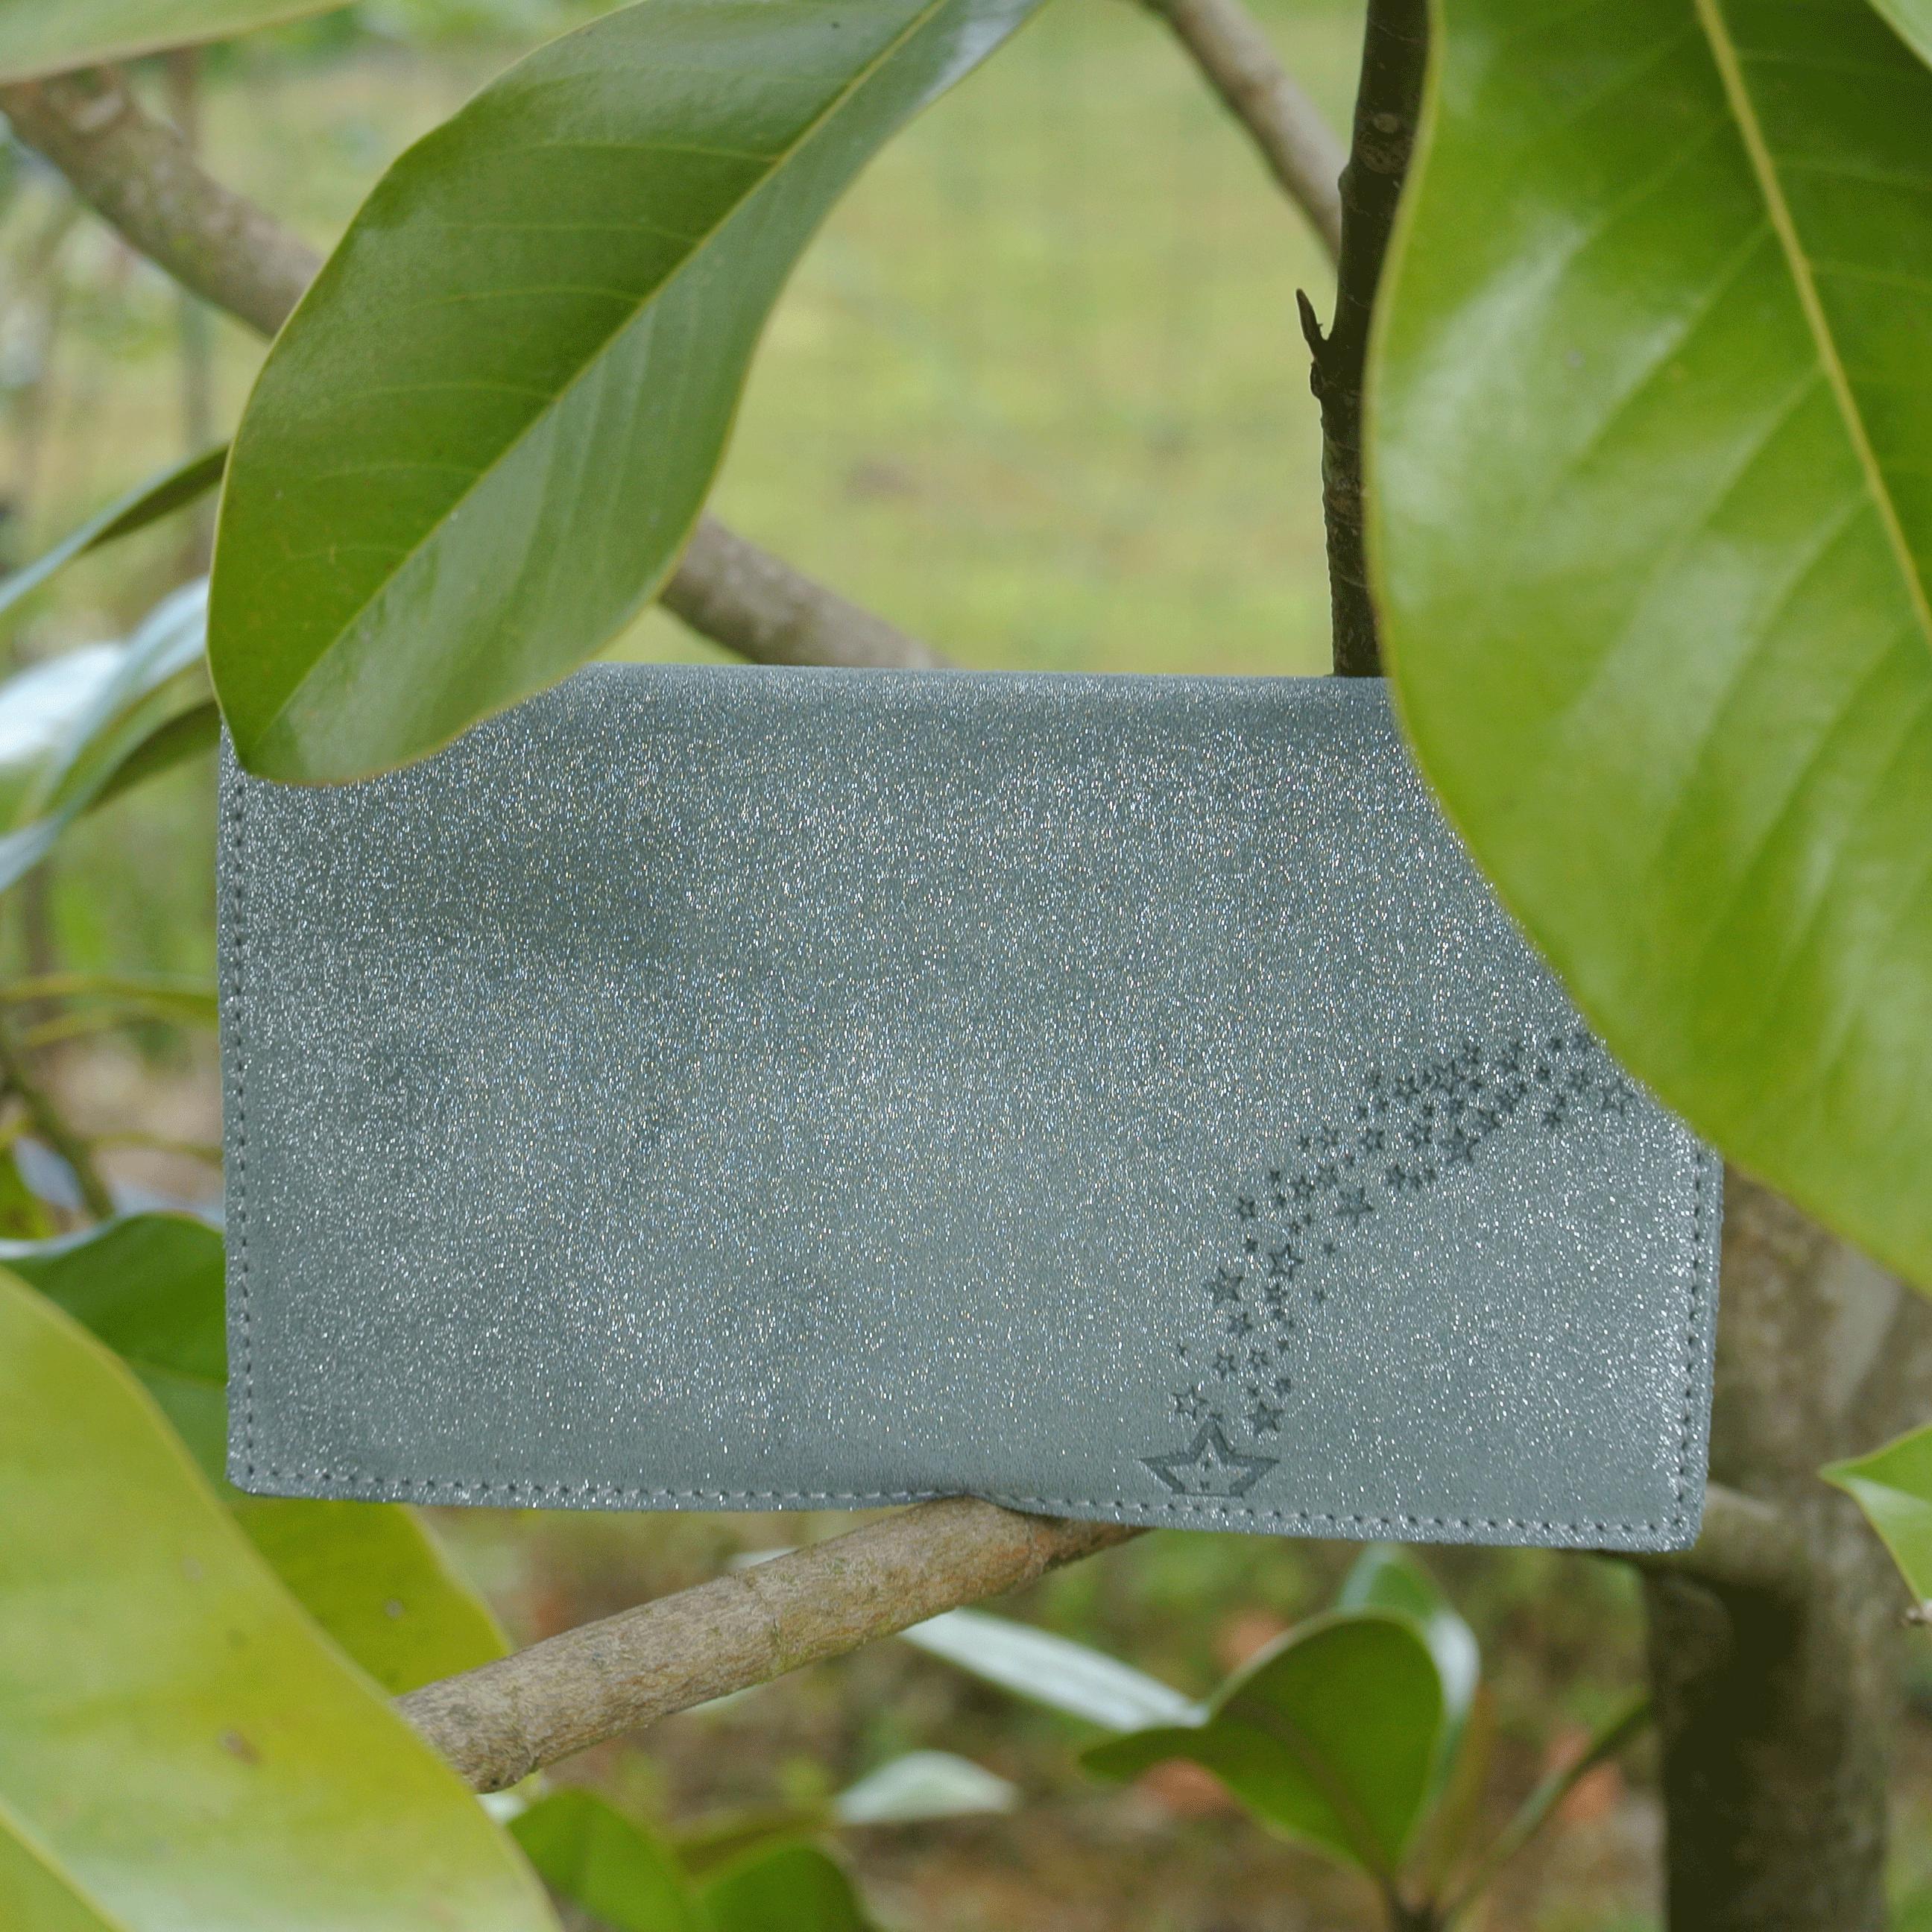 protege-chequier-cuirs-fantaisies-cuir-paillete-cuir-retro-cuir-nappa-cuir-graine-la-cartabliere-fabirque-en-france-pierre-grise